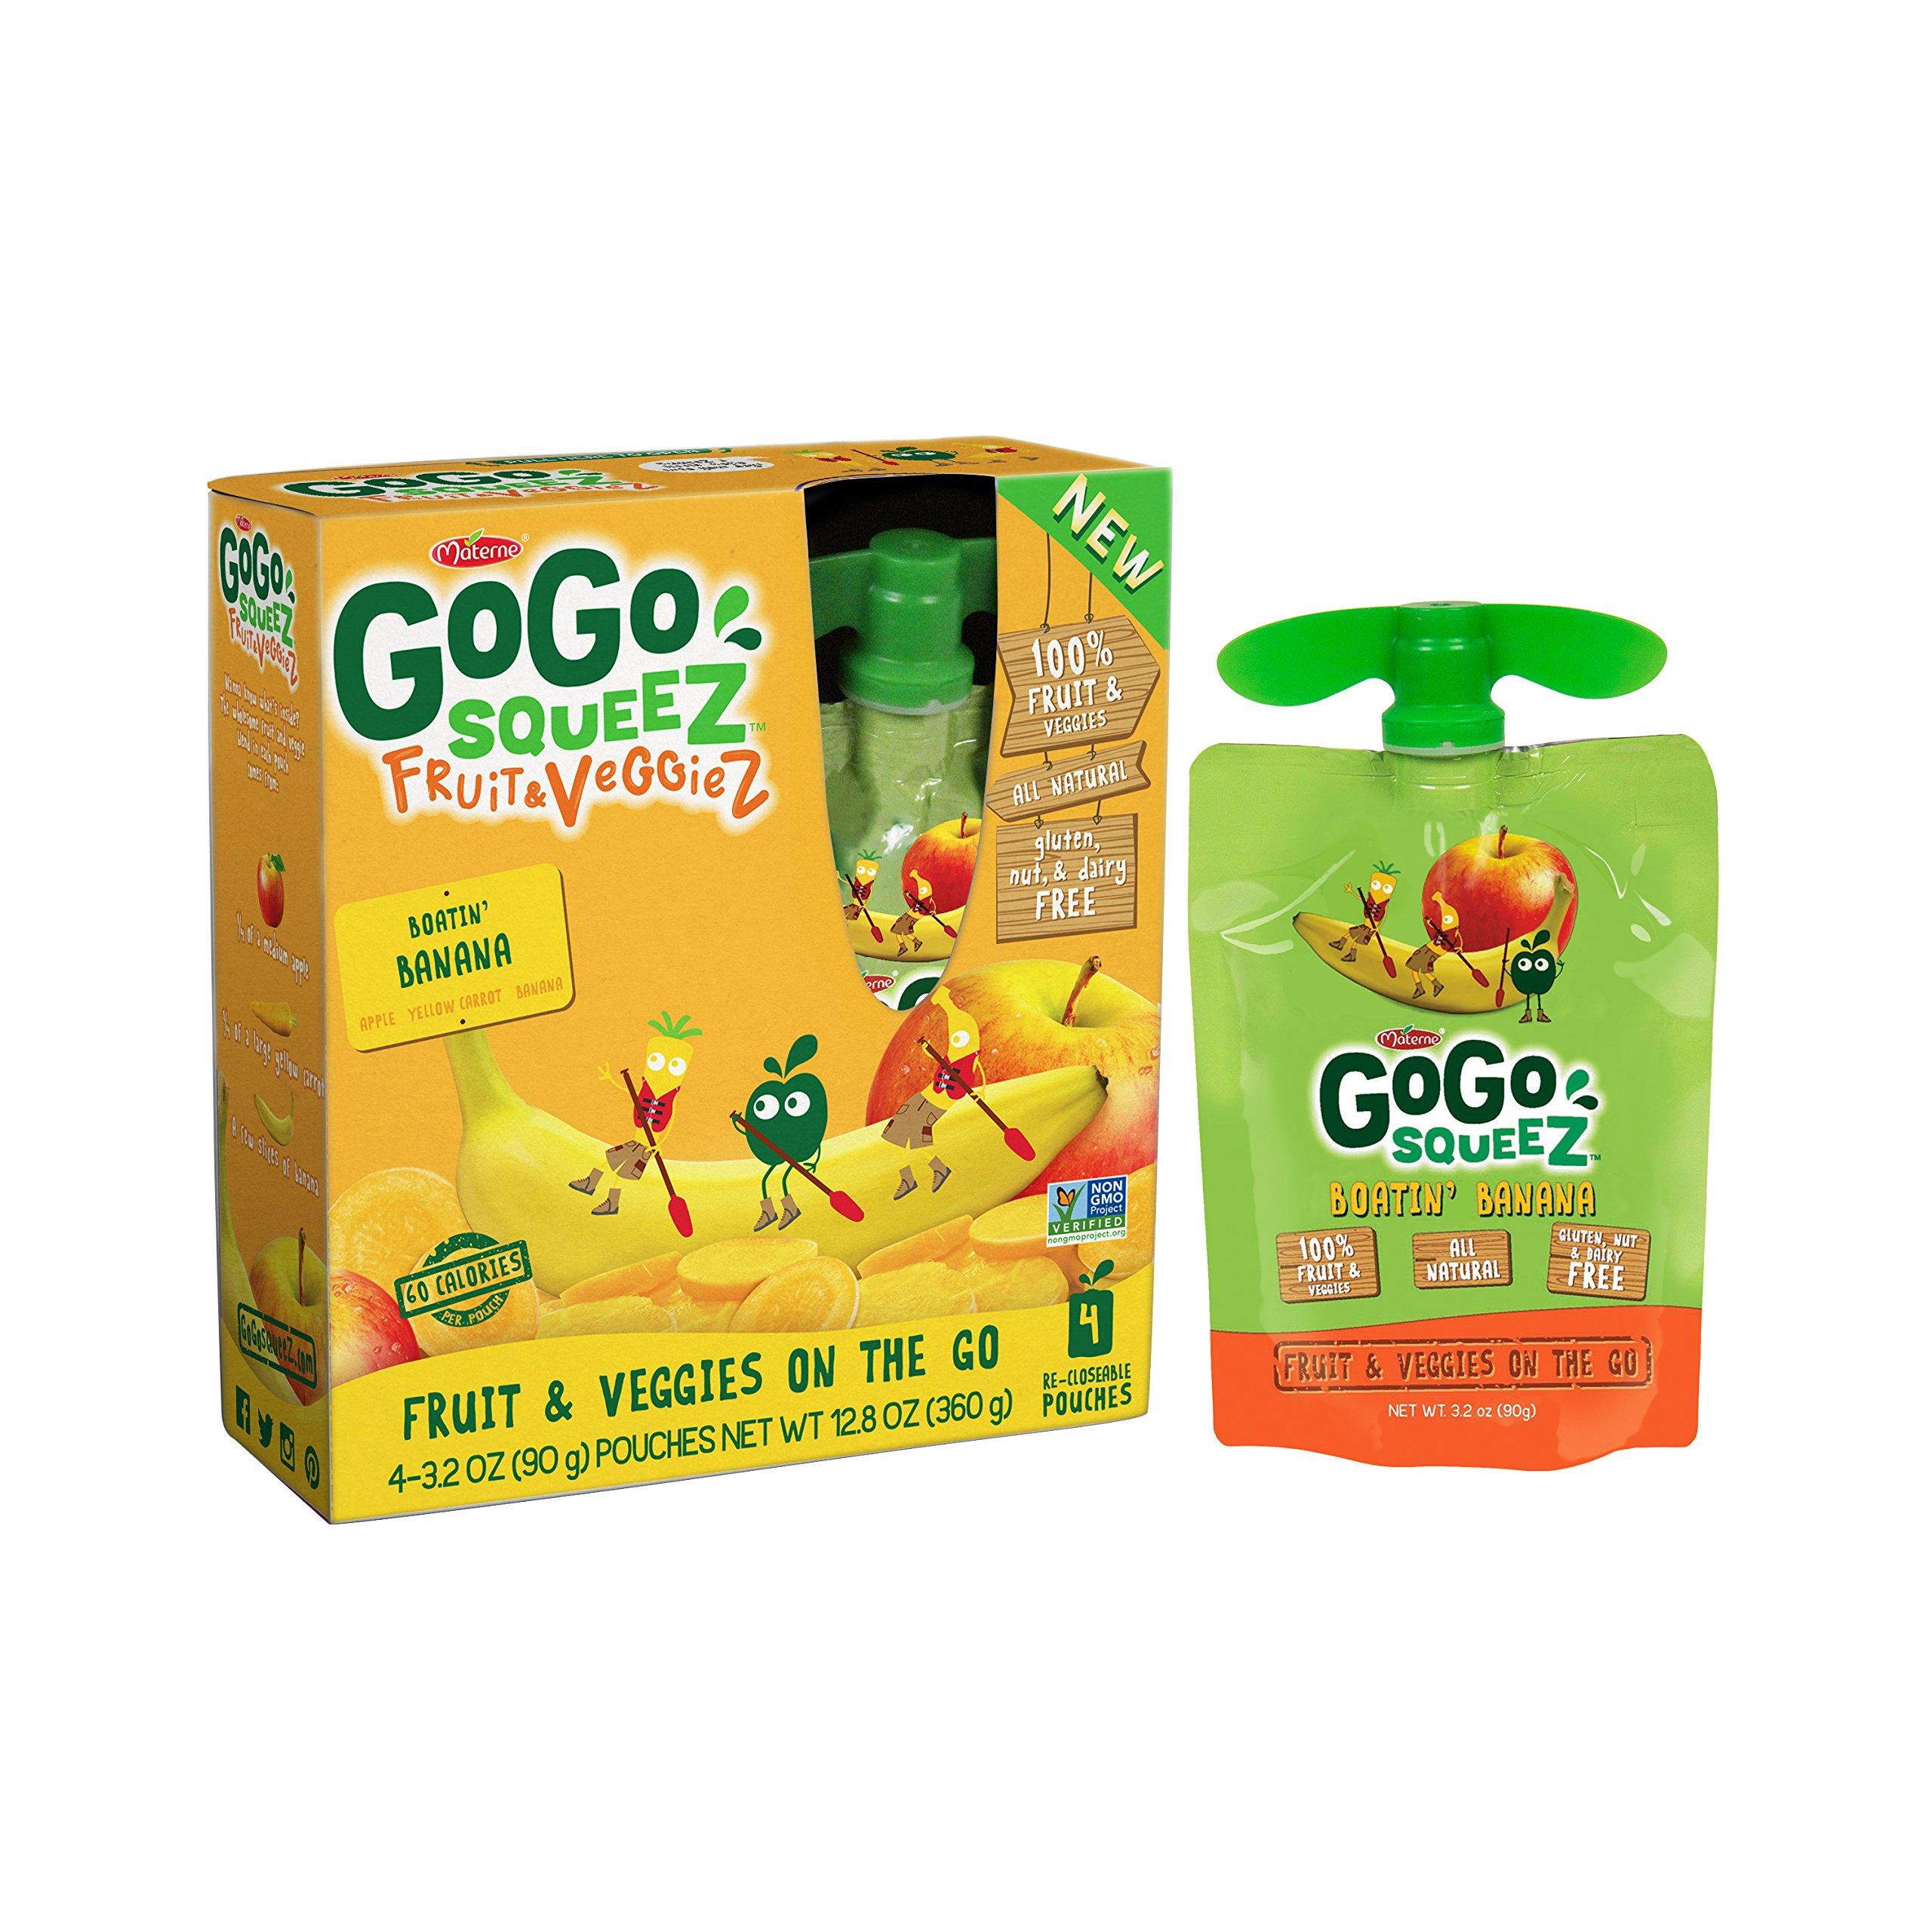 GoGo squeeZ Fruit & VeggieZ, Apple Yellow Carrot Banana, 3.2 Ounce Portable BPA-Free Pouches, Gluten-Free, 4 Total Pouches by GoGo SqueeZ